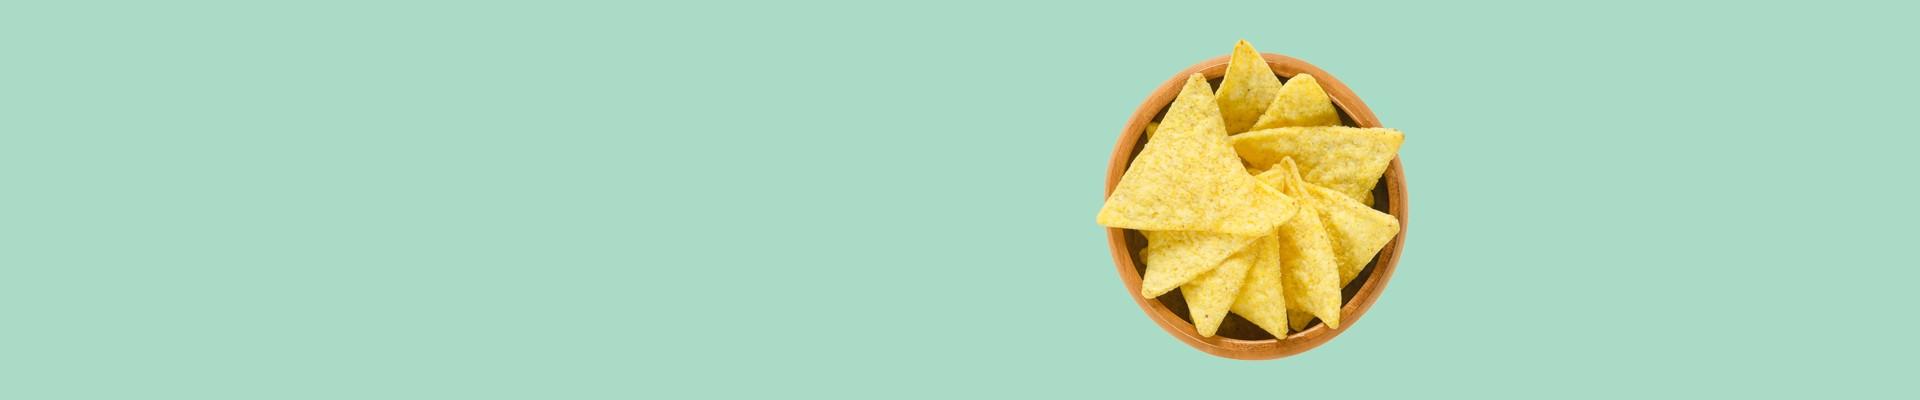 Jual Makanan Ringan Lengkap Murah | Tokopedia